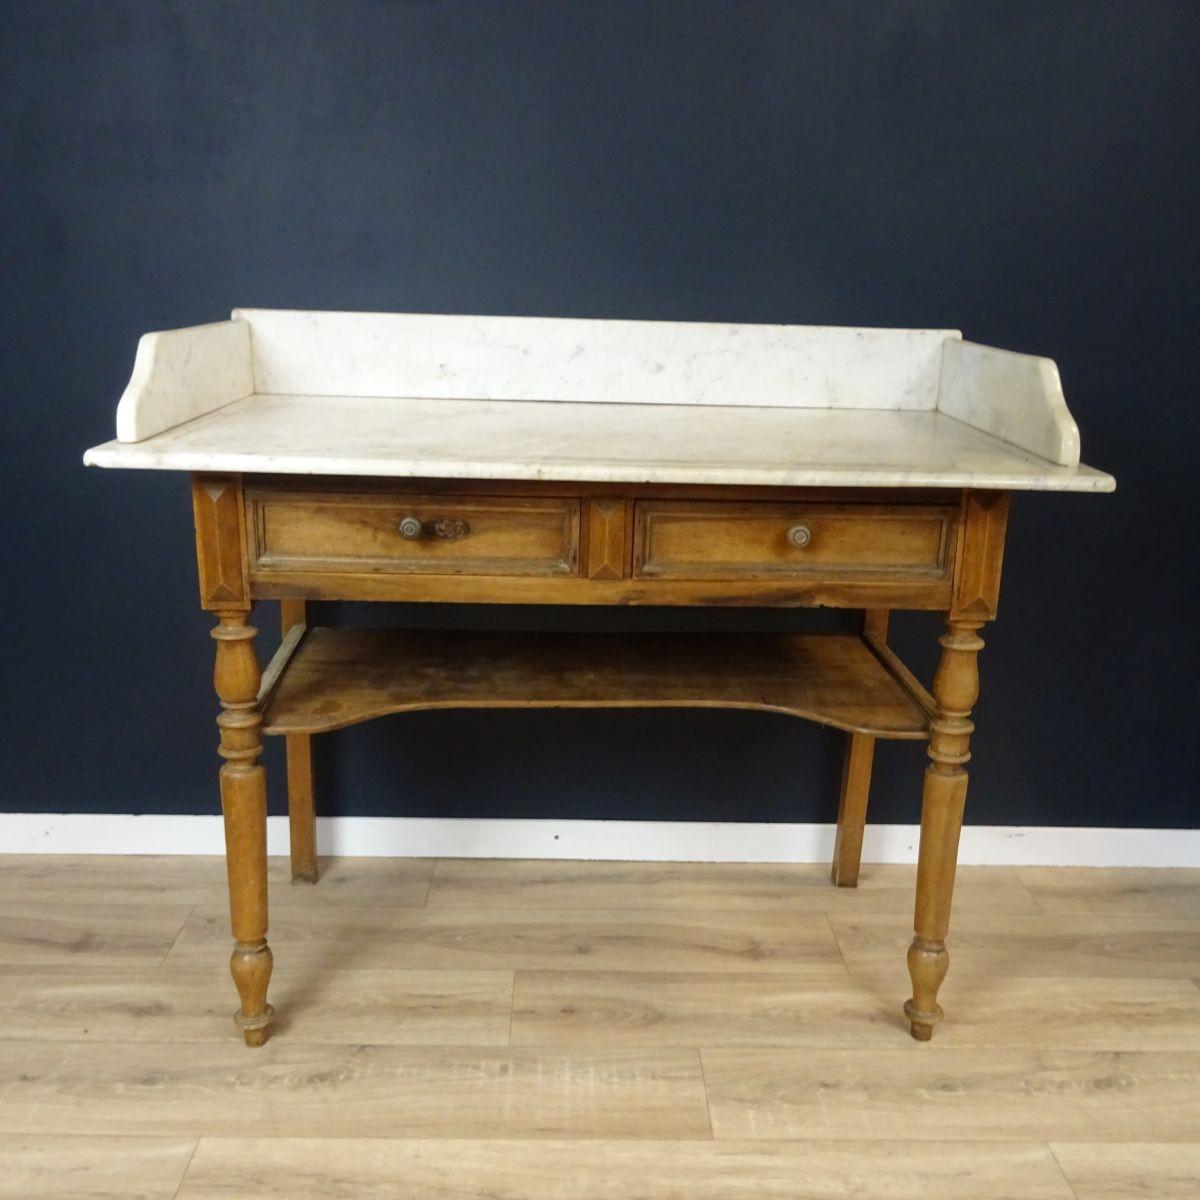 Table de toilette ancienne en bois plateau en marbre Plateau marbre pour table